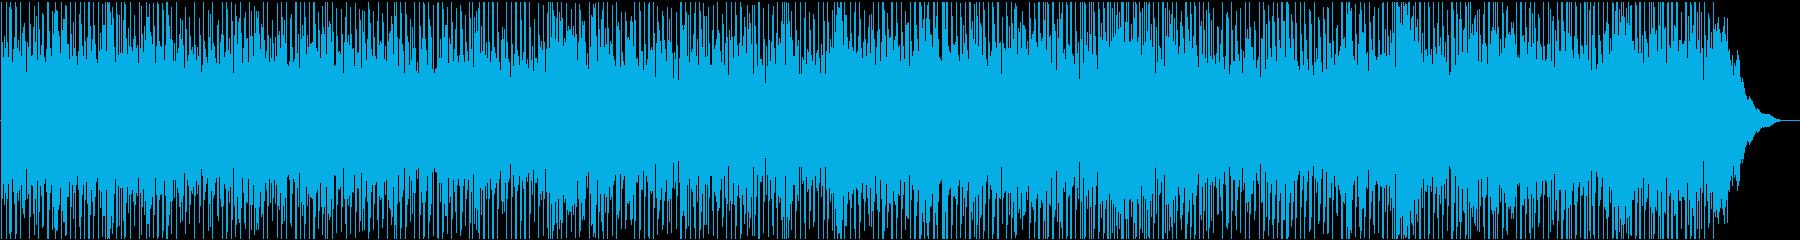 爽やかに走る!生演奏カントリー ロックの再生済みの波形